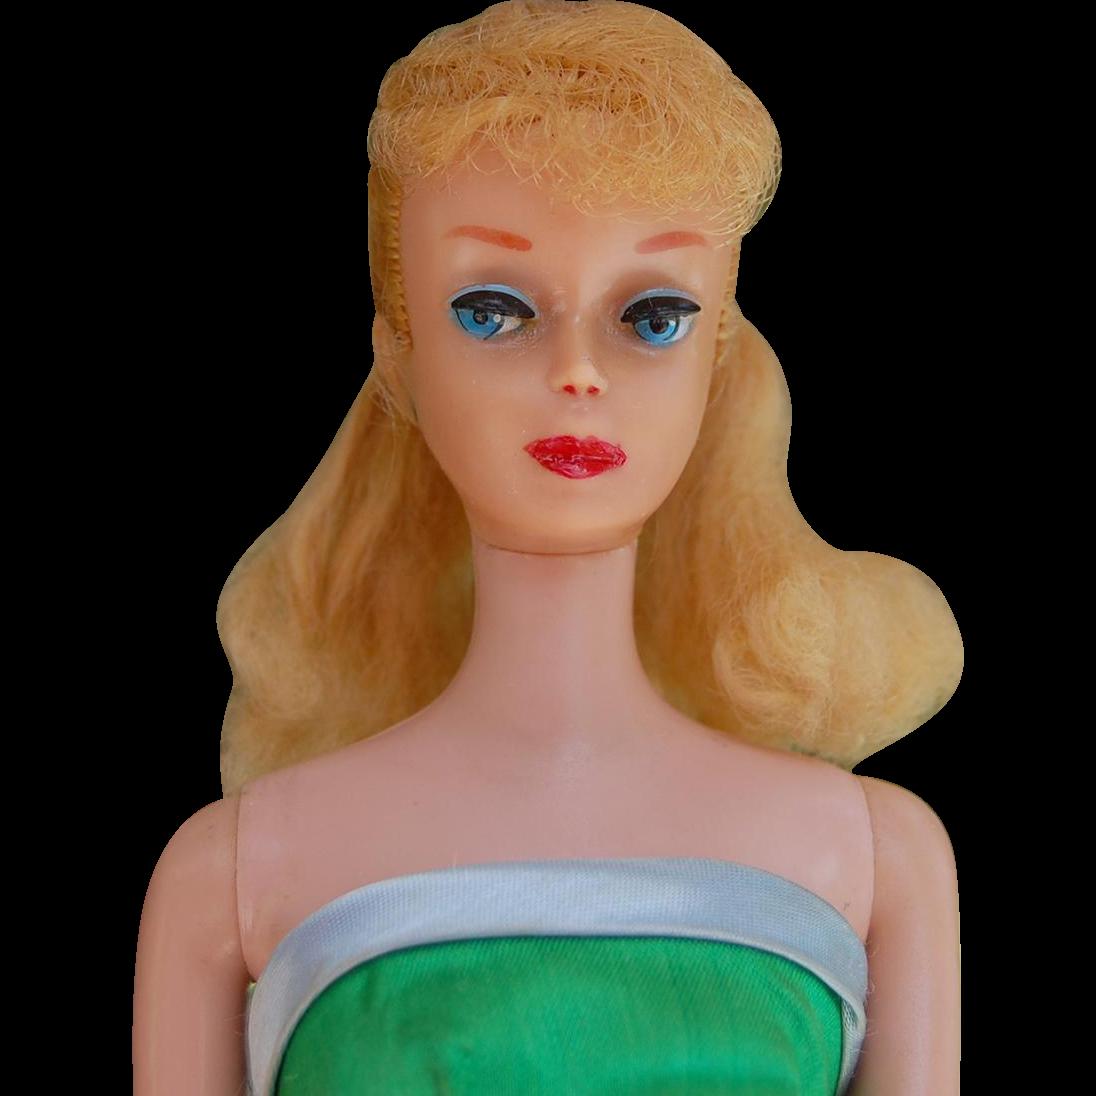 Vintage Ponytail Barbie blonde  Mattel pearl earrings in Senior Prom # 951 dress  doll #5